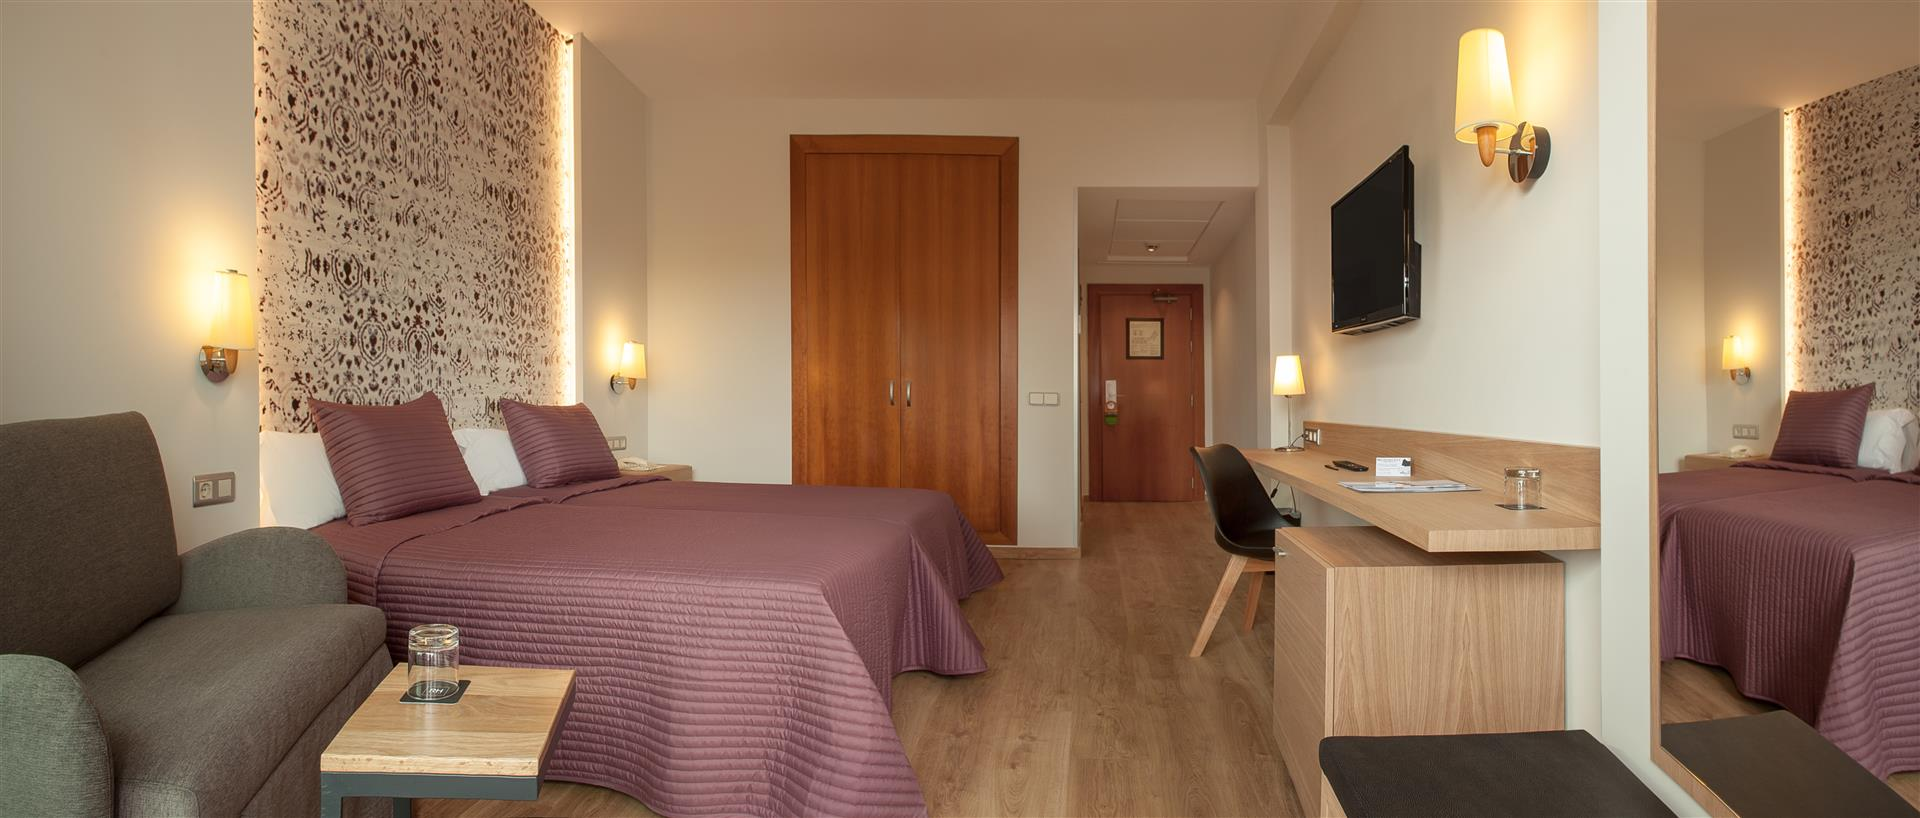 Hotel rh princesa benidorm fotos im genes web oficial for Ver habitaciones de hoteles